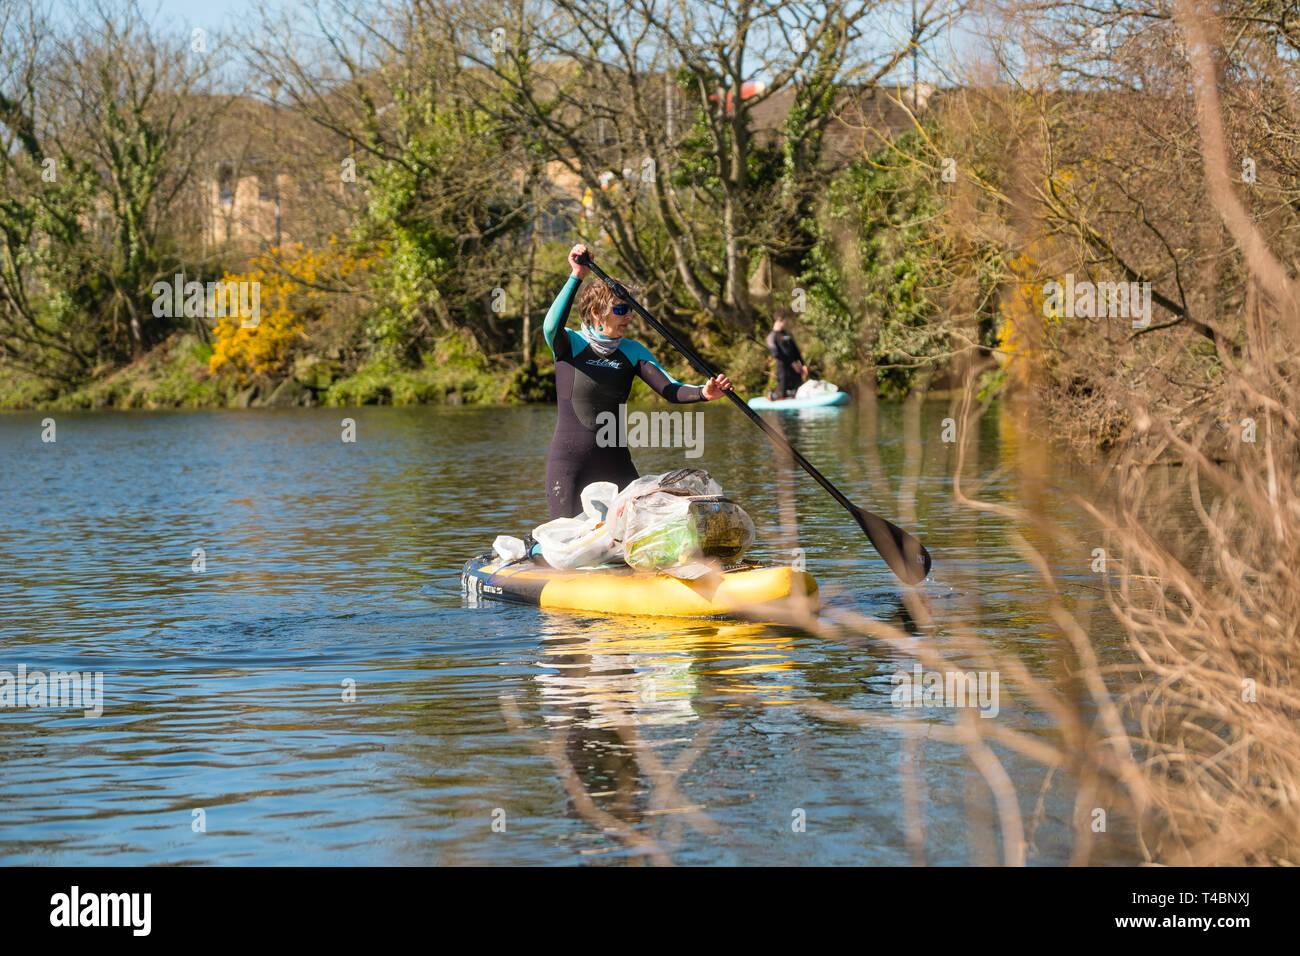 Deux femmes adultes on stand up paddleboards participant volontairement dans une rivière propre, décrochant le plastique et d'autres types des déchets, organisé par plage d'Aberystwyth Buddies / Gwerin y Glannau Rheidol le long de la rivière à Aberystwyth, Pays de Galles UK Banque D'Images